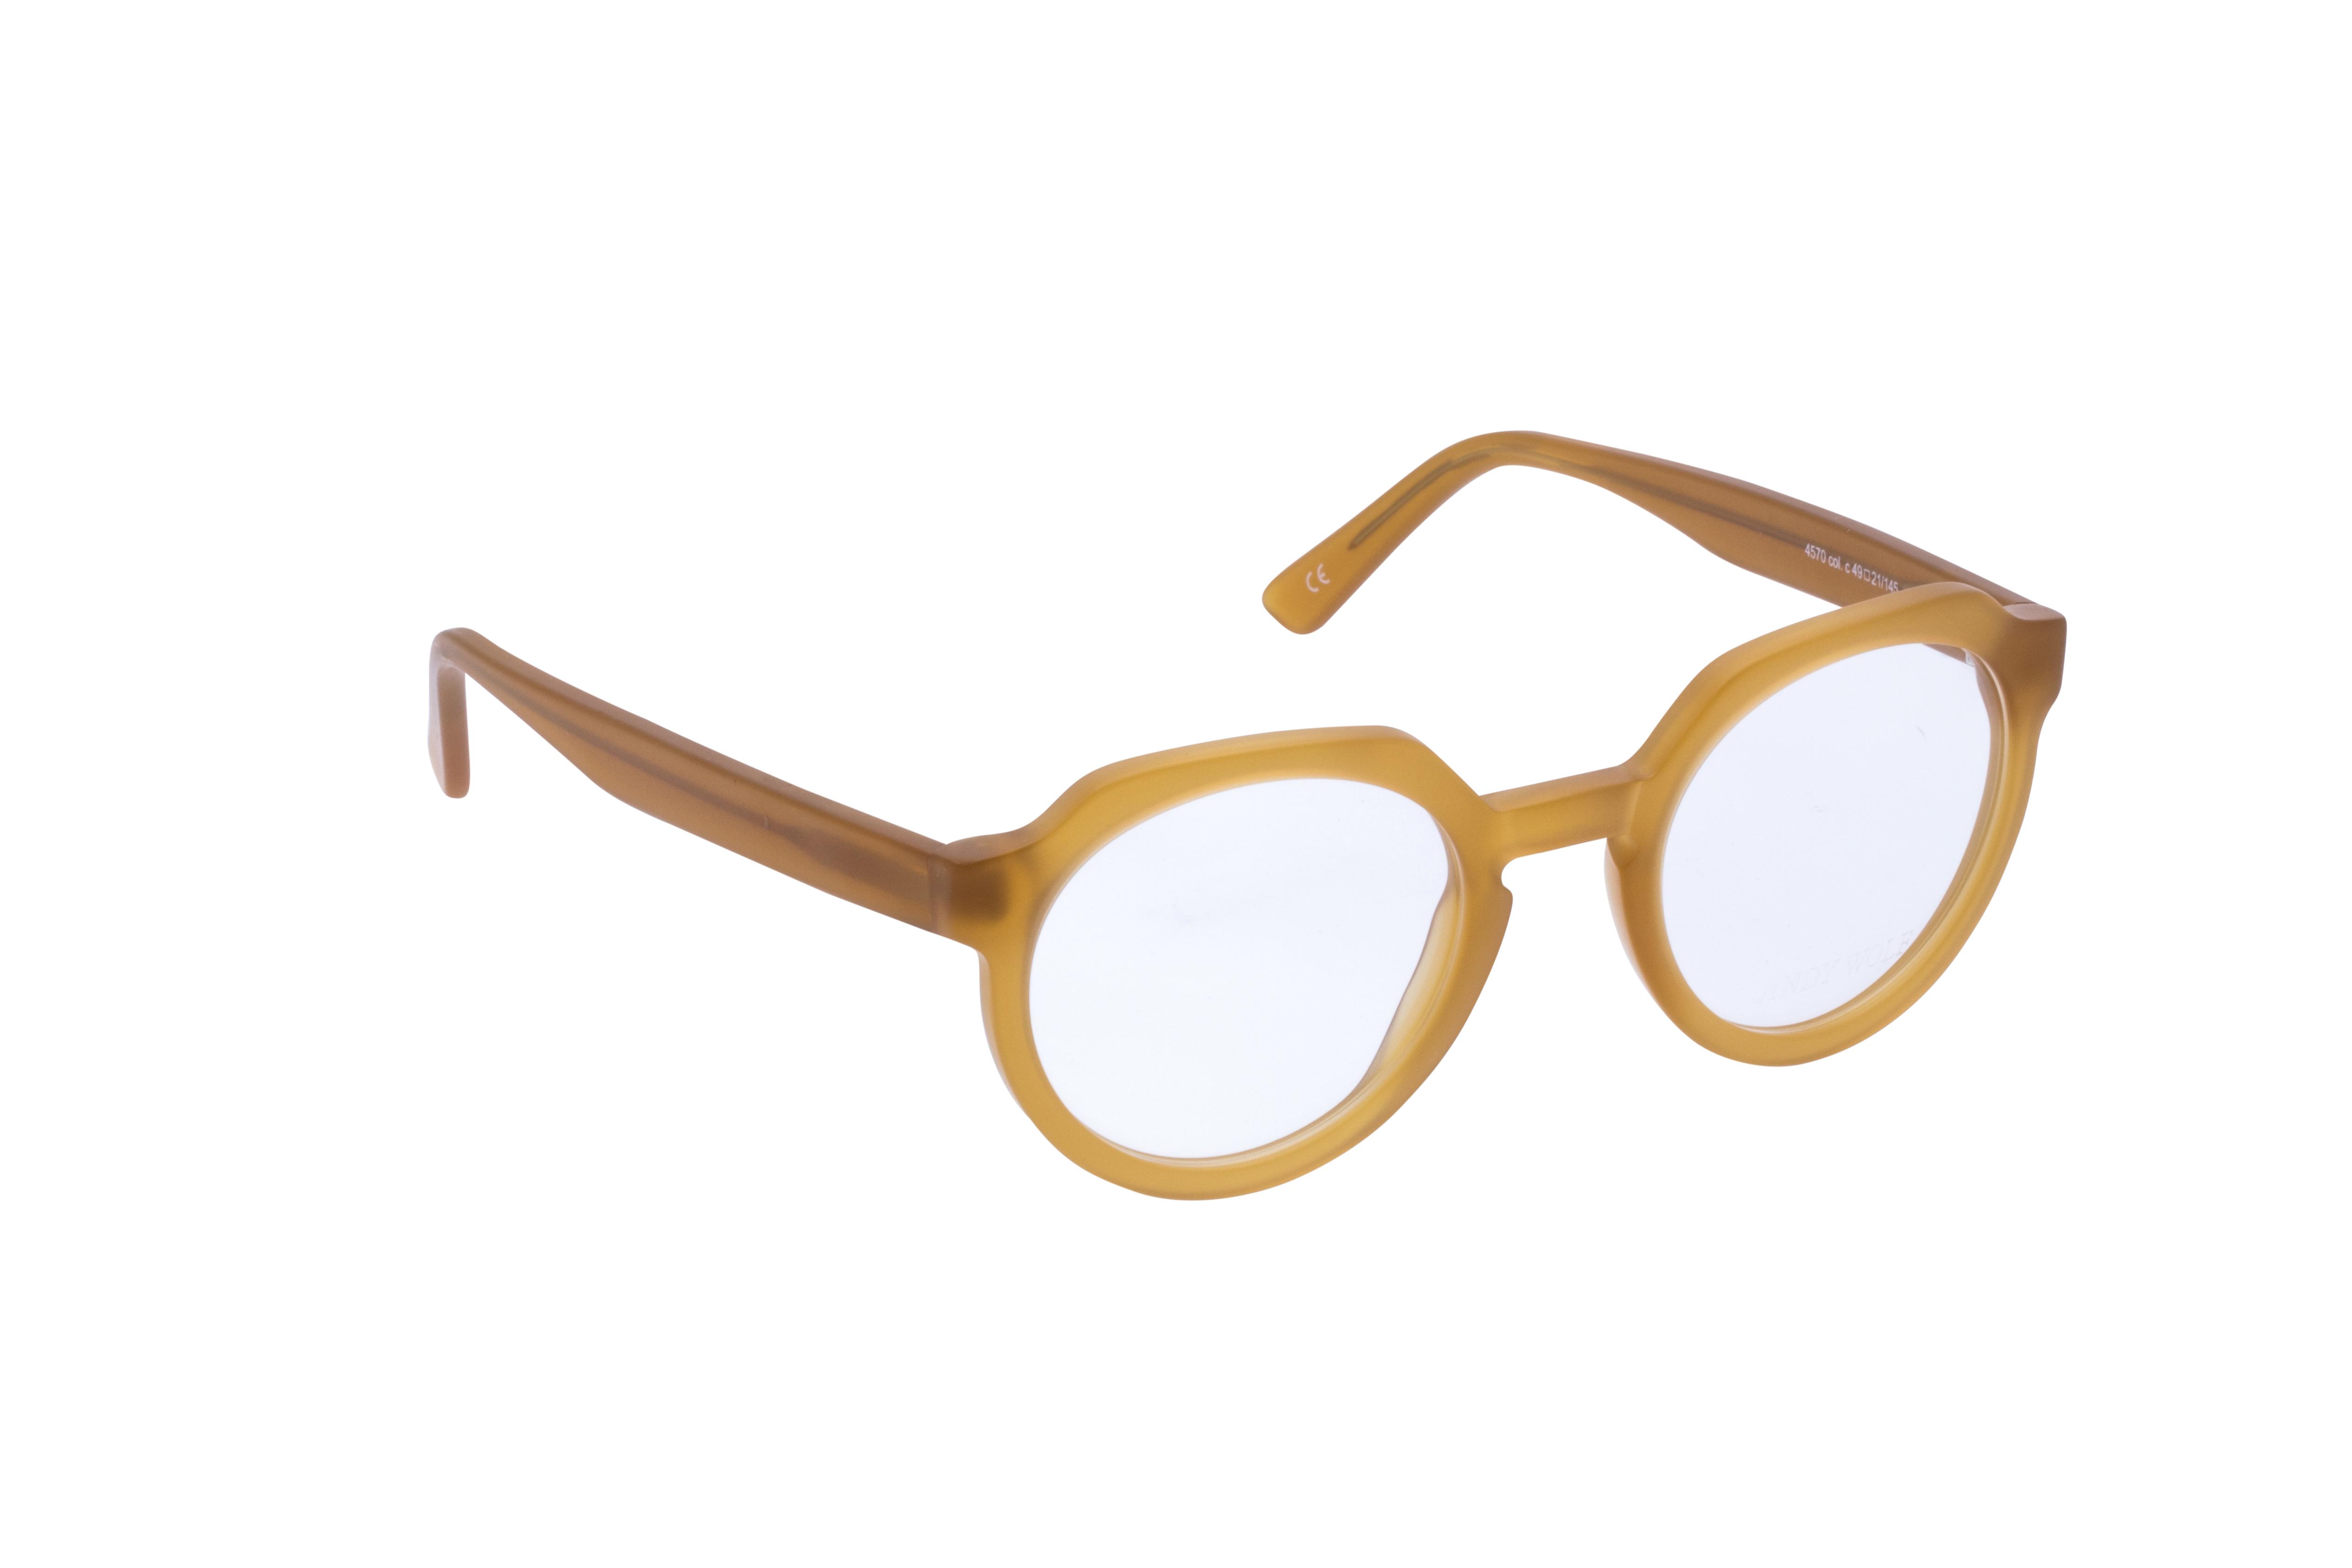 360 Grad Ansicht 2 Andy Wolf 4570, Brille auf Weiß - Fassung bei KUNK